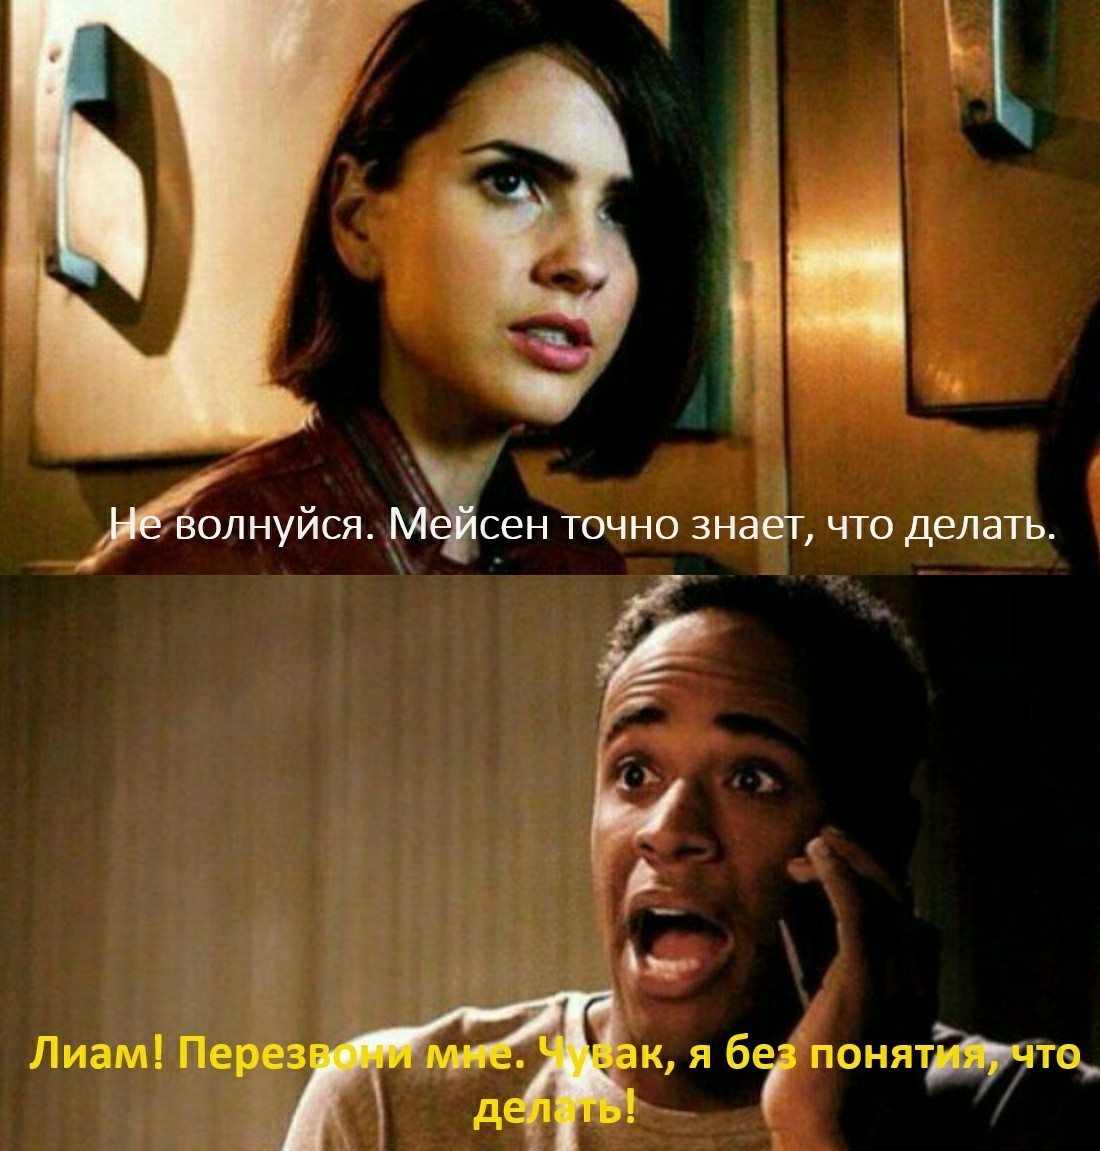 Мейсен знает.